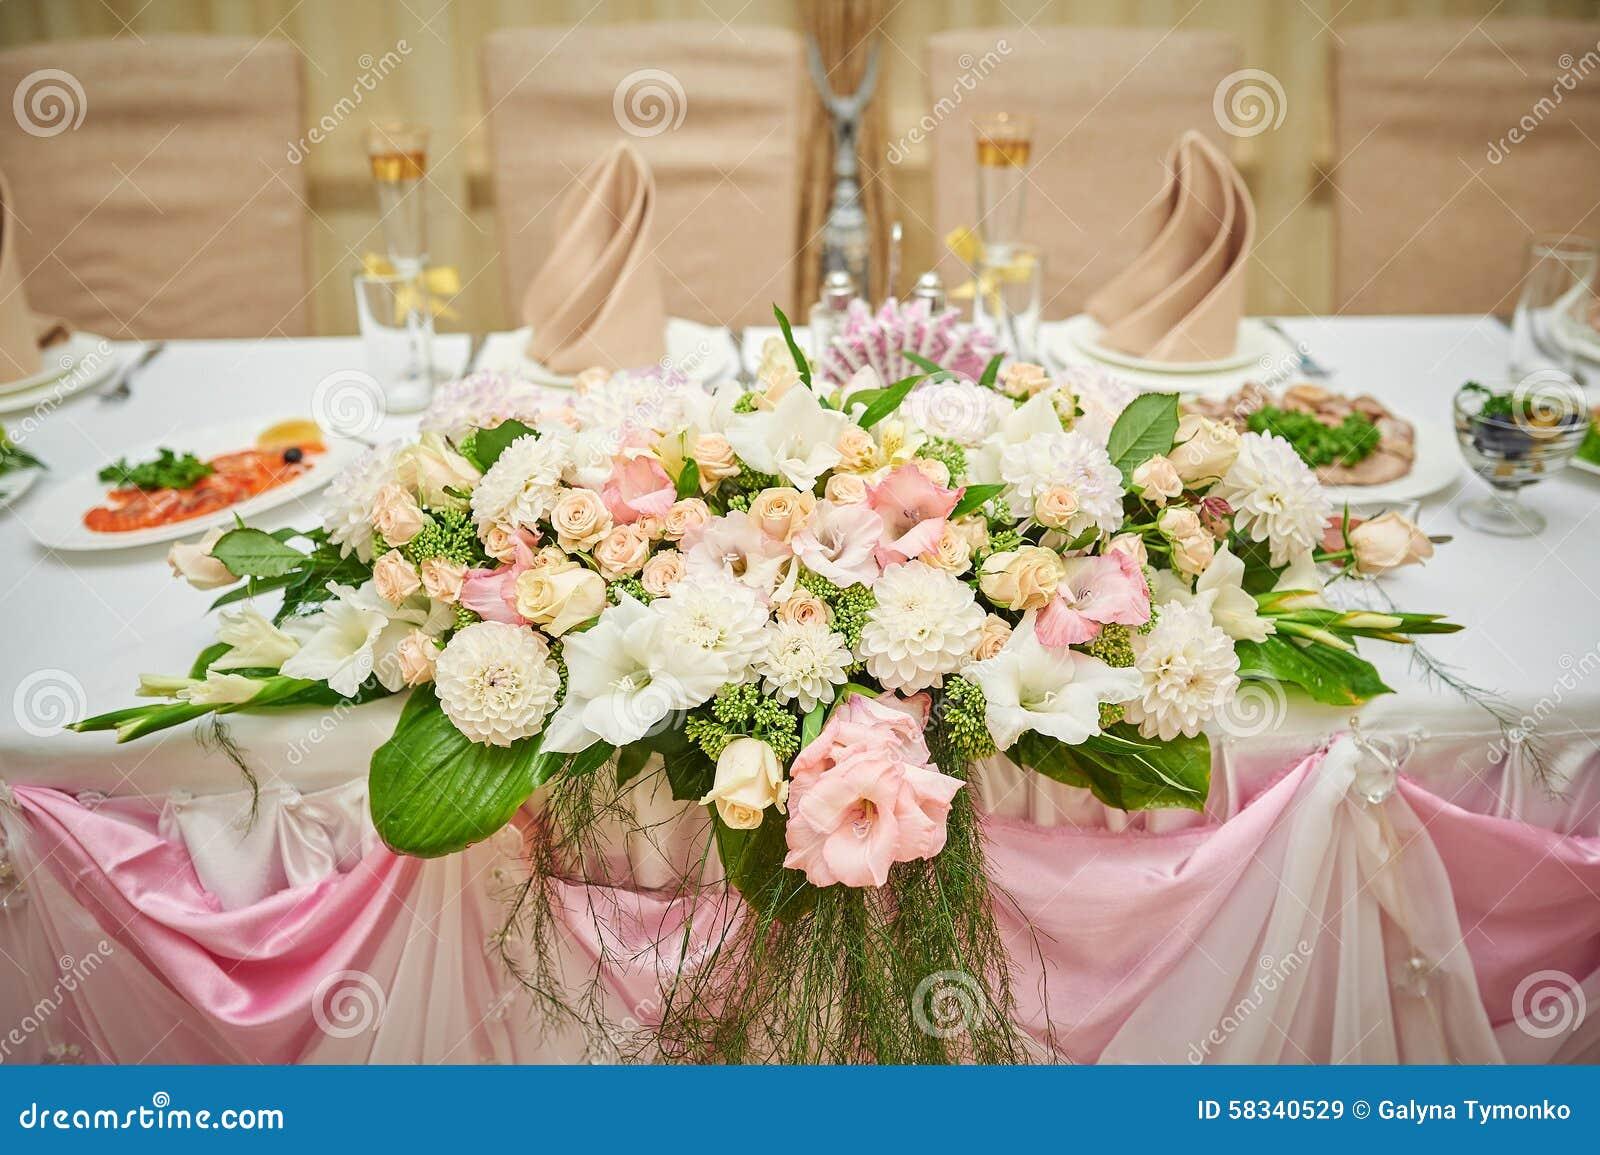 jeunes mari s de table de mariage d cor s des fleurs image. Black Bedroom Furniture Sets. Home Design Ideas